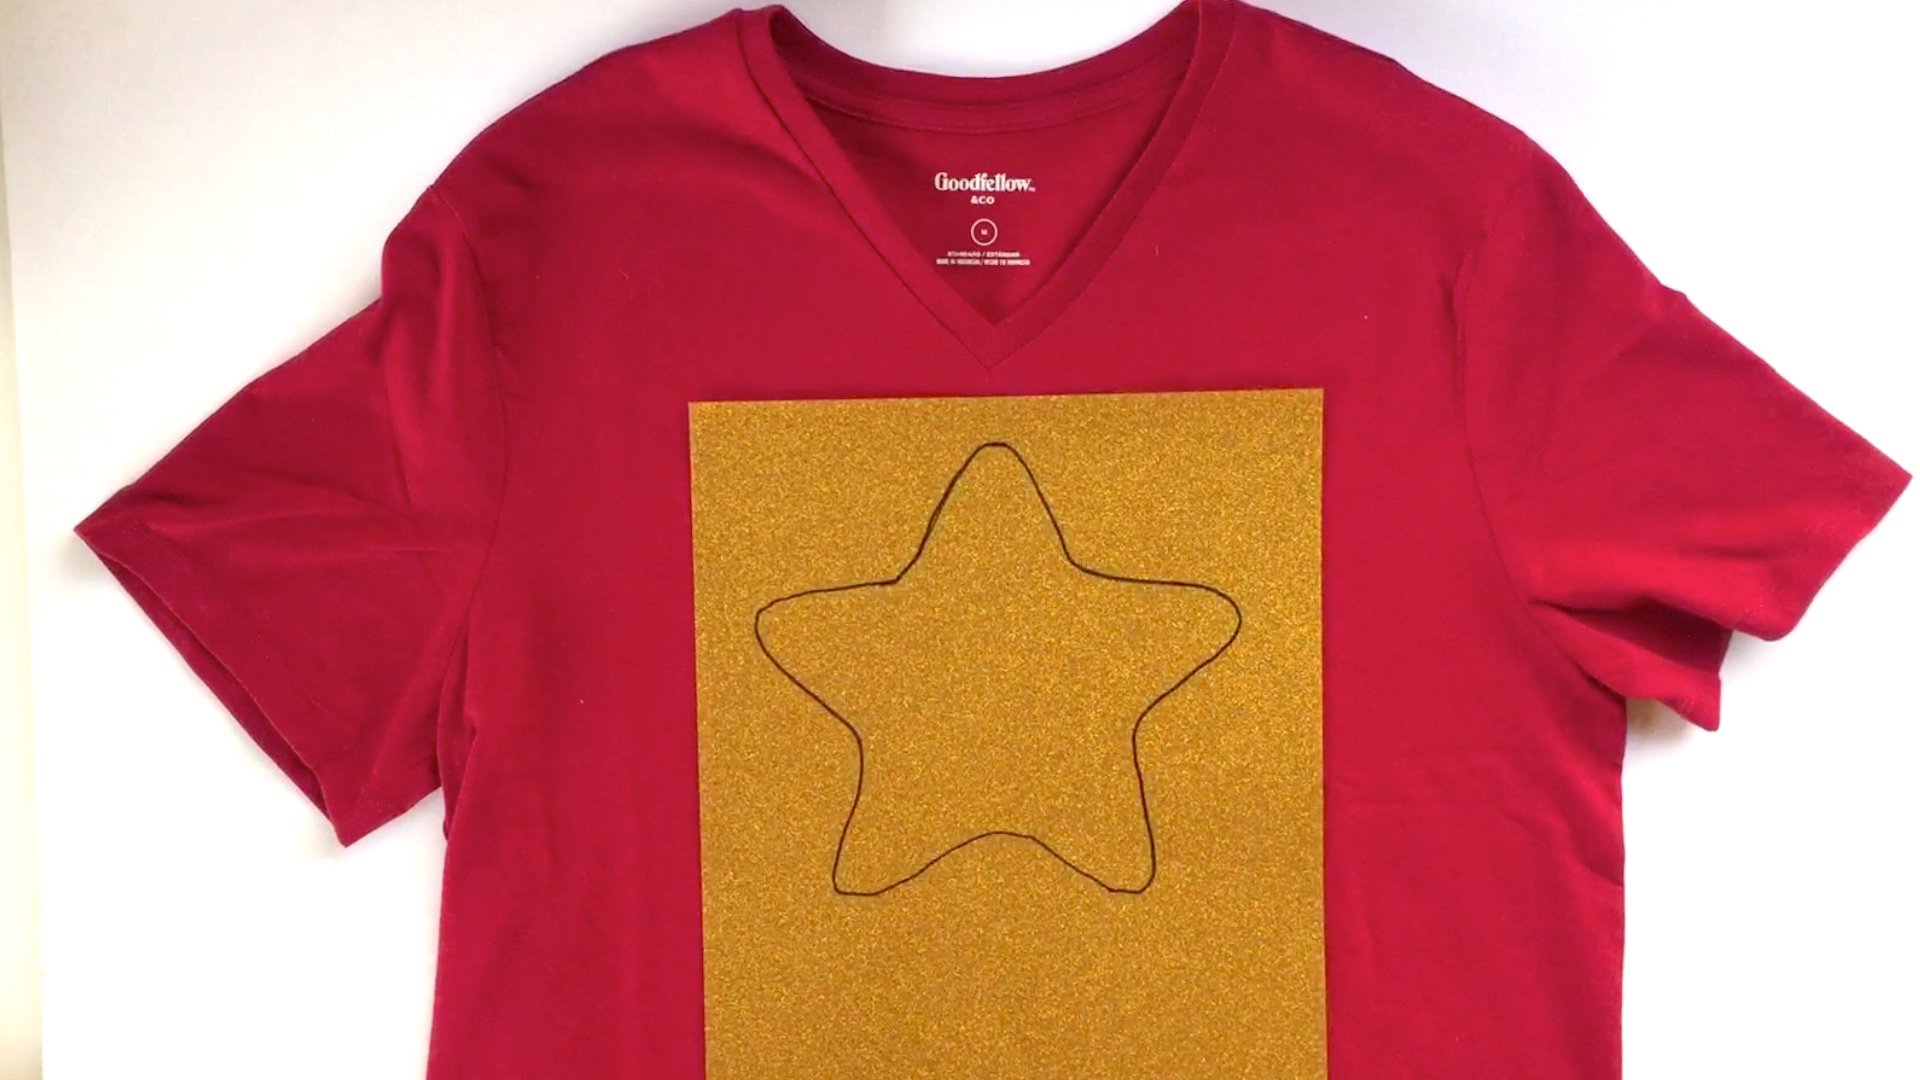 wearables_02_shirttemplatetraced.jpg